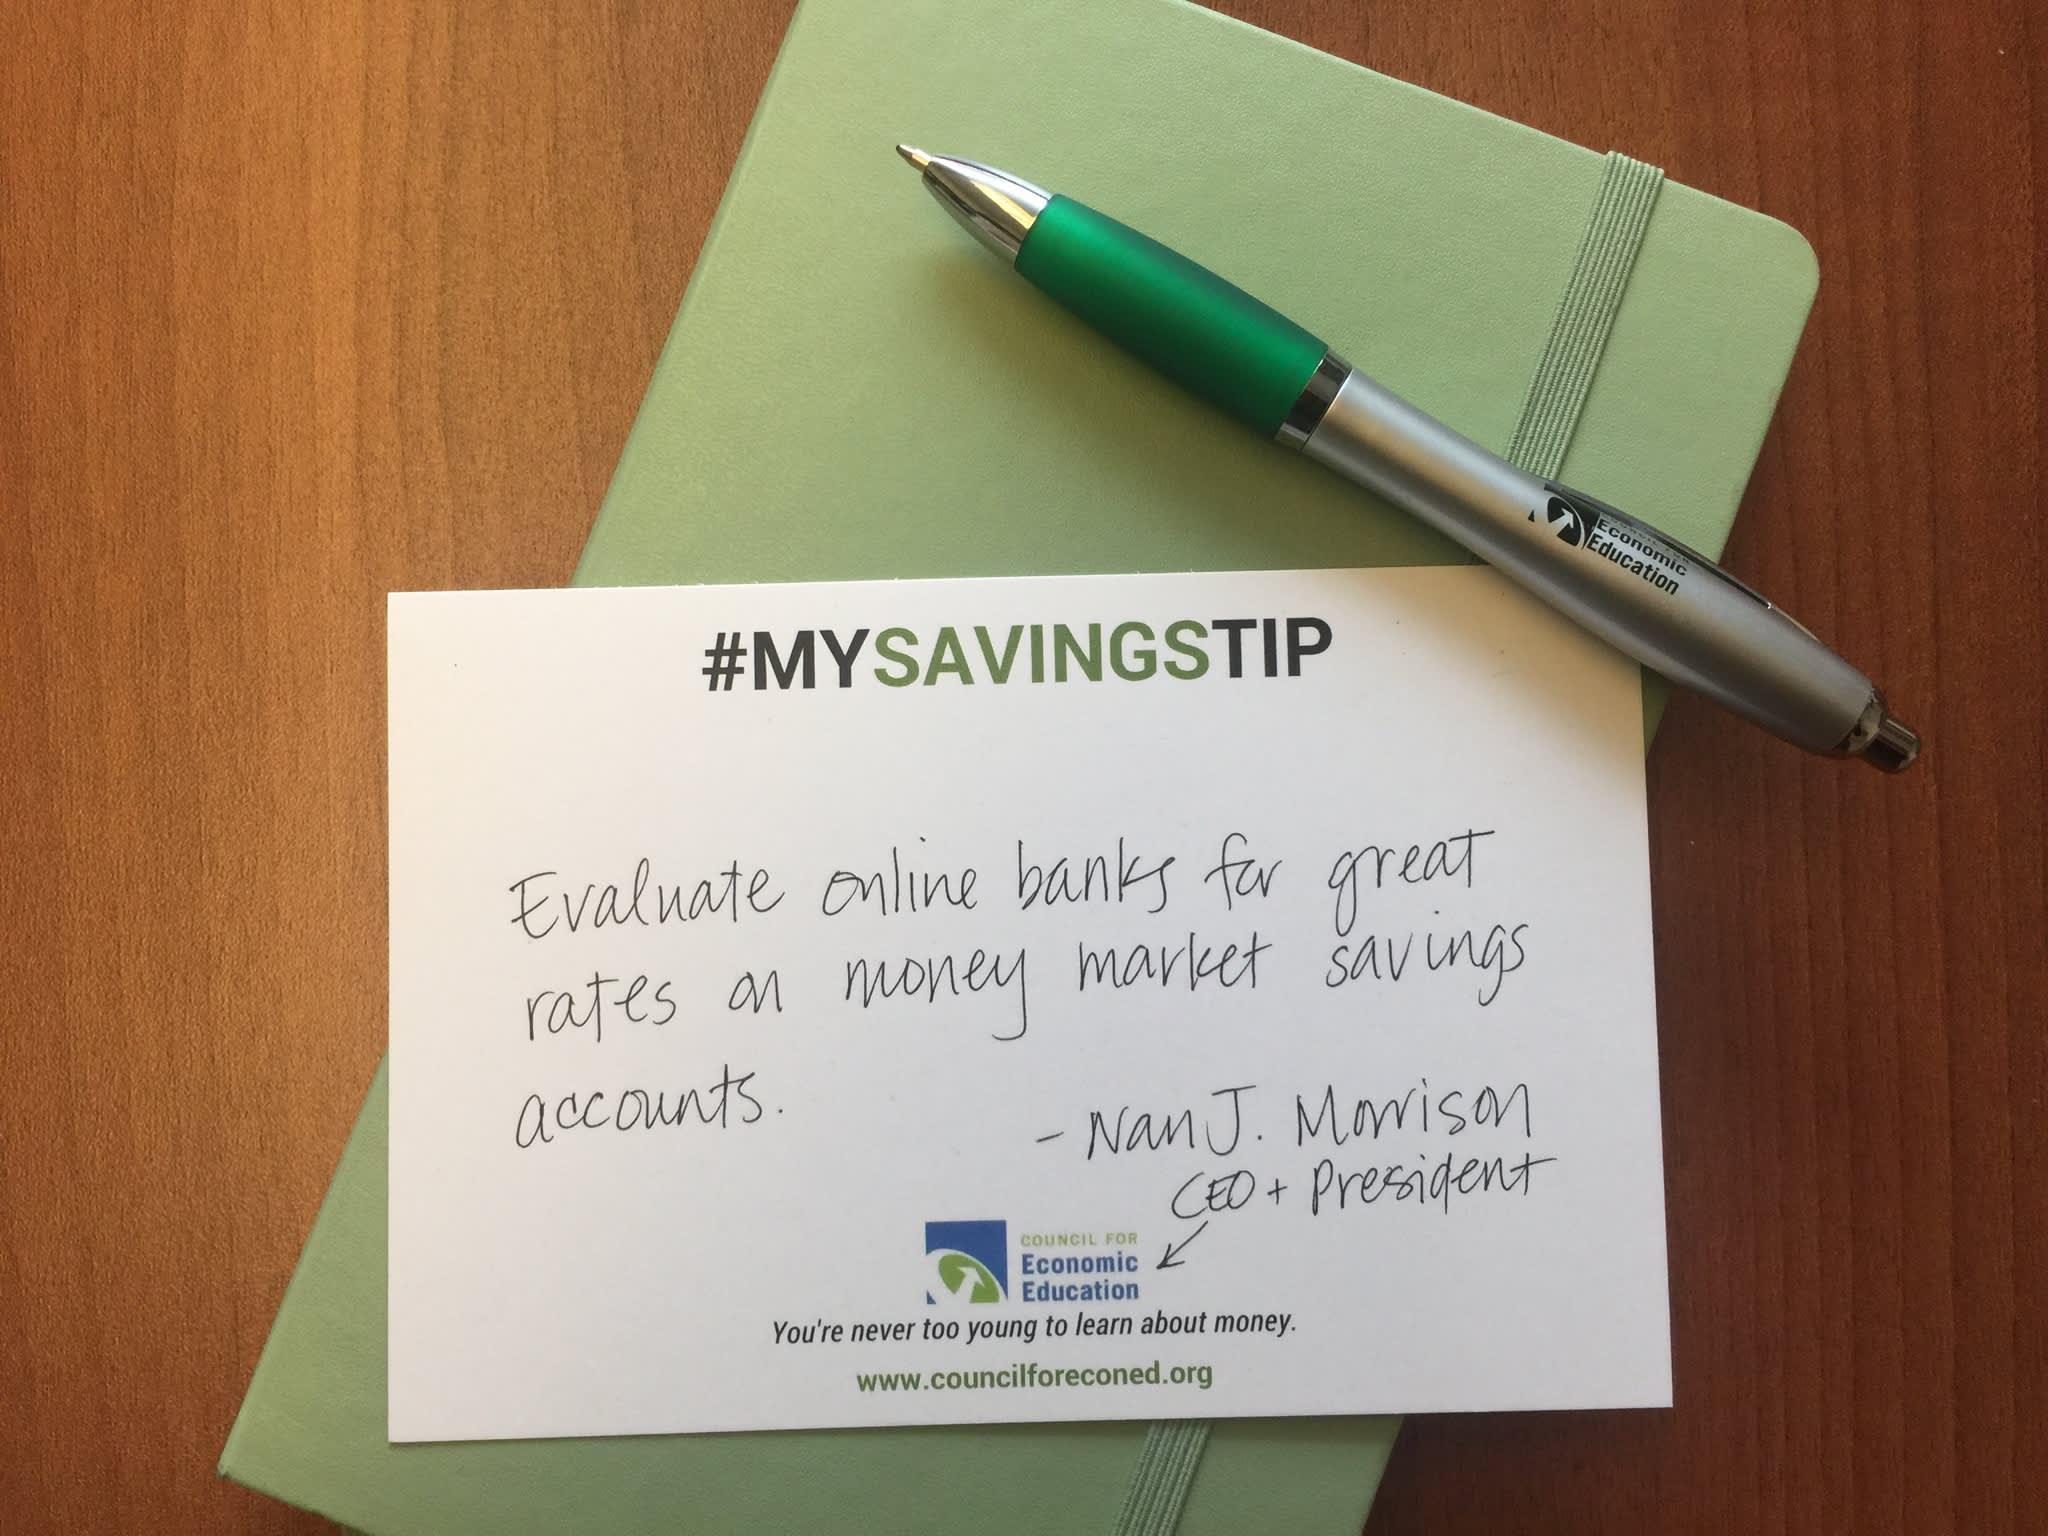 Nan J. Morrison savings tip